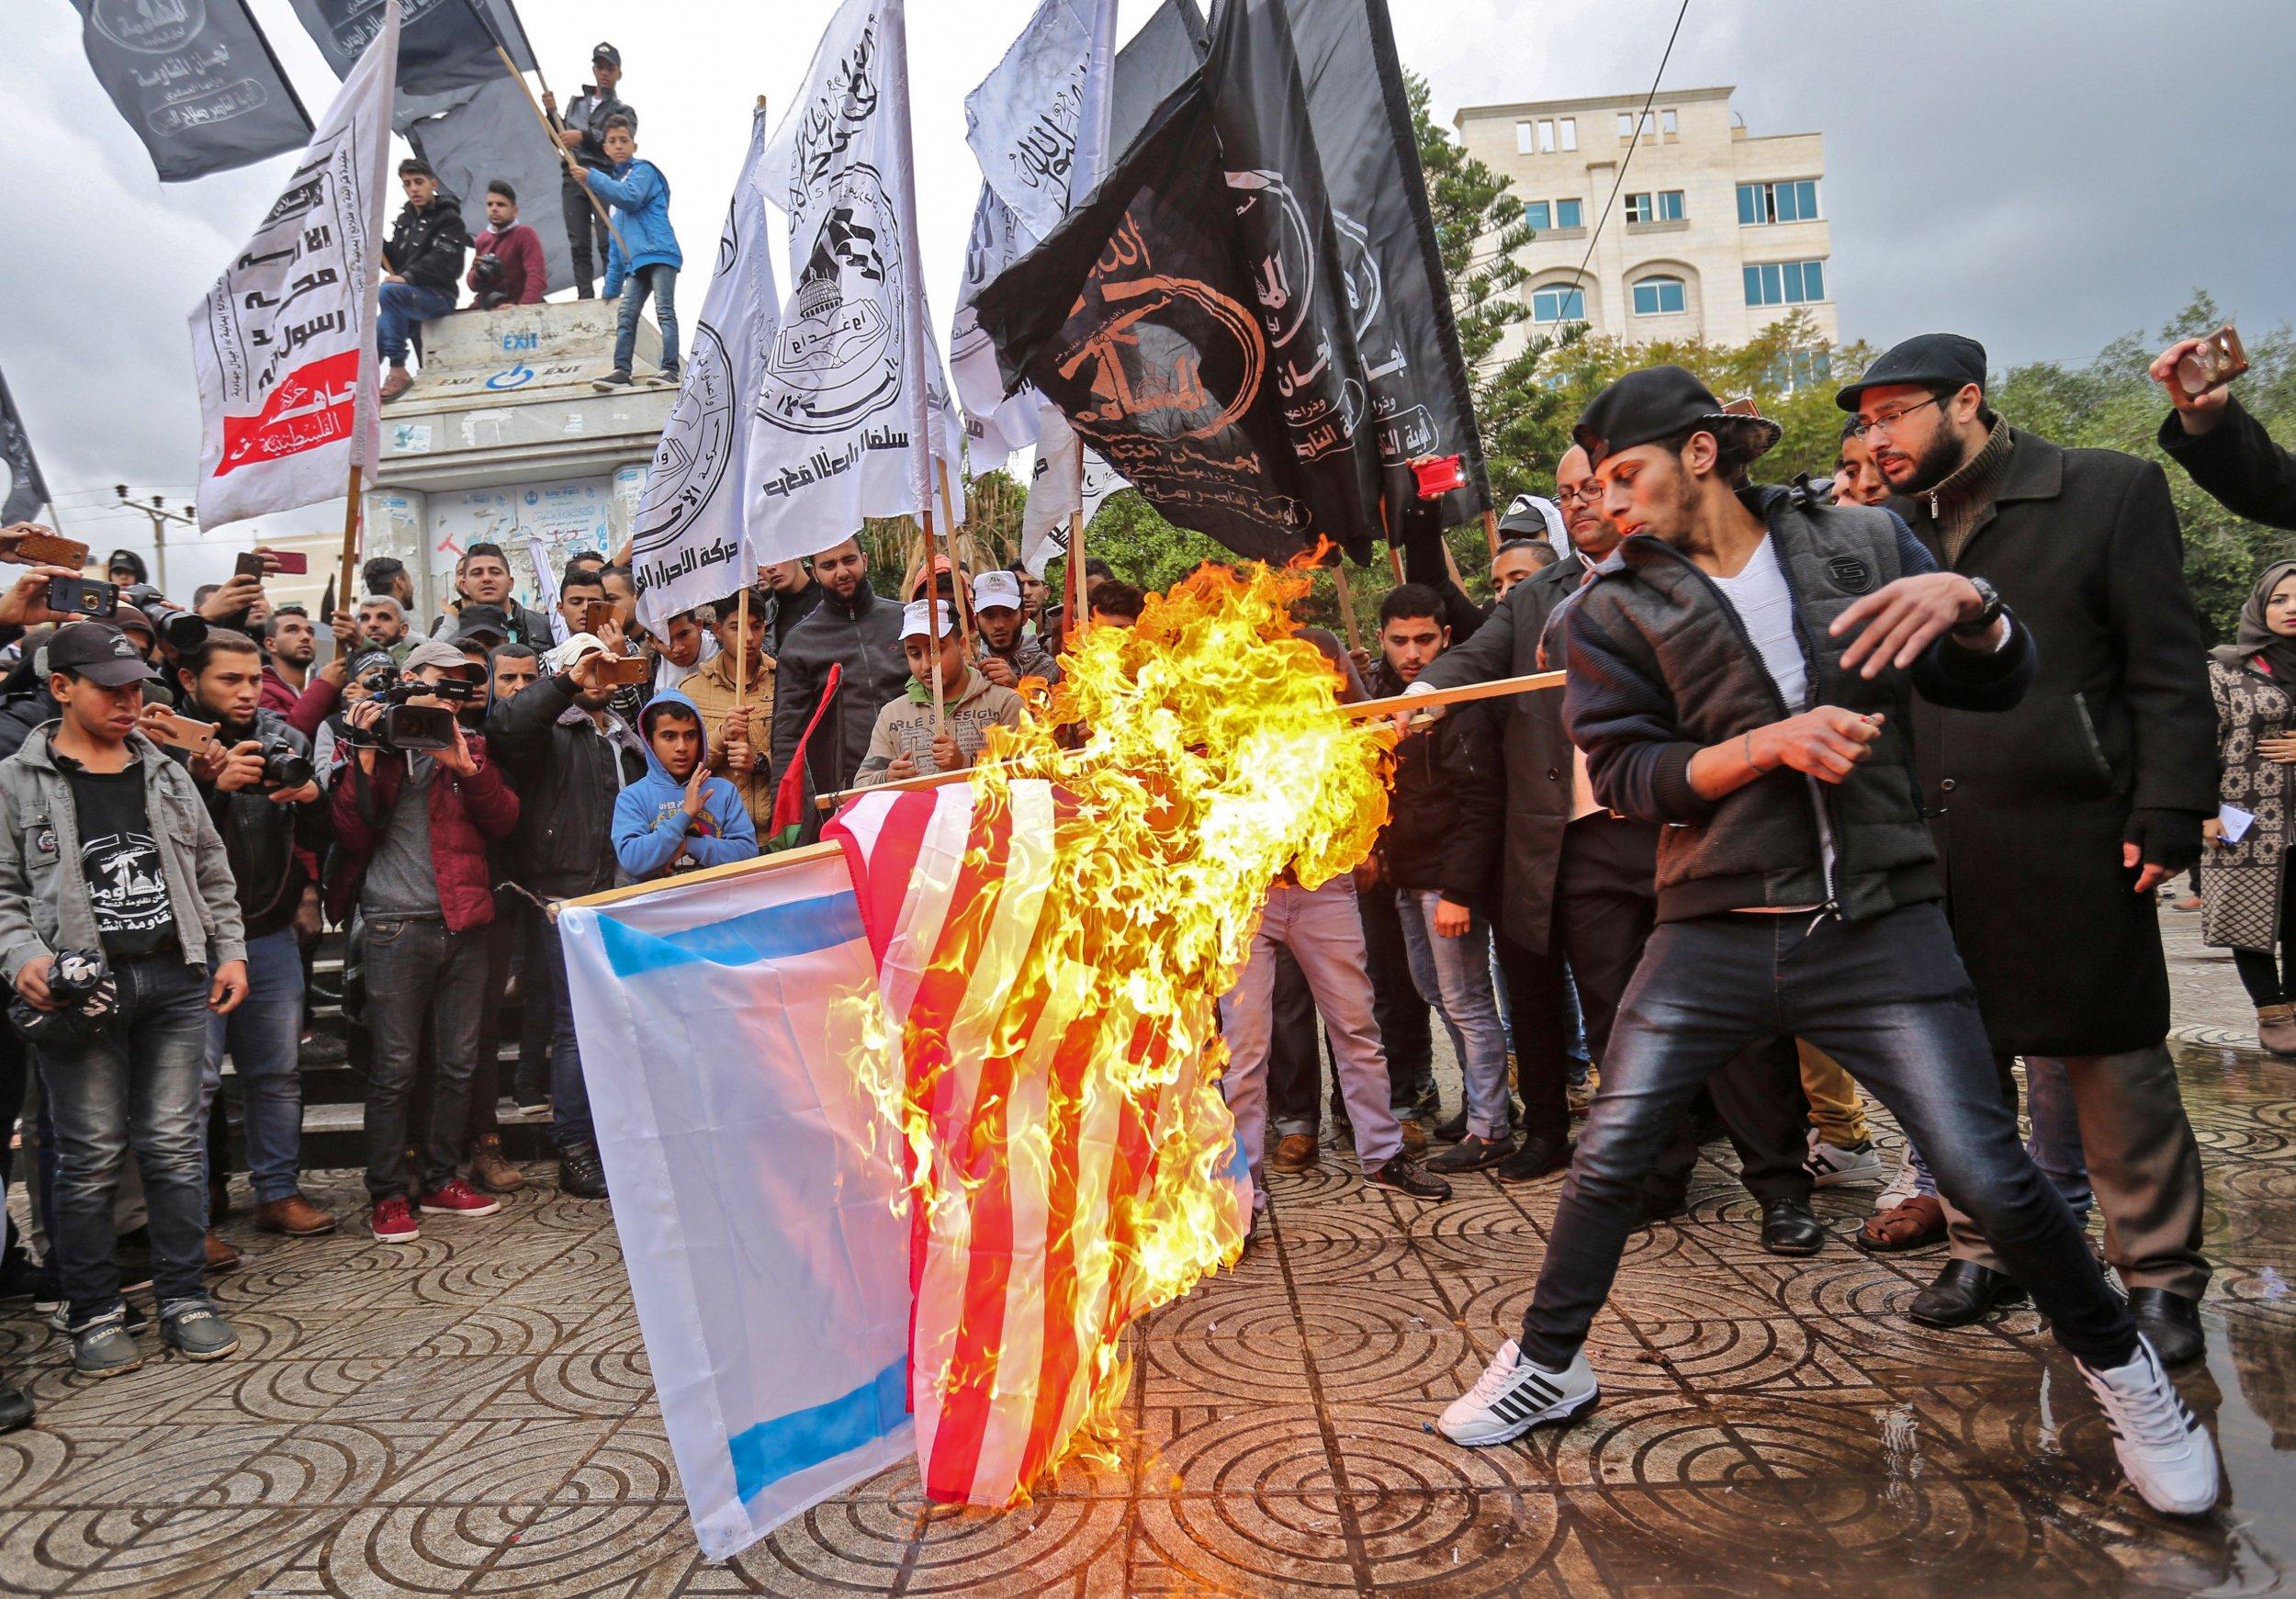 12_06_Israel_Palestine_Jerusalem_protests